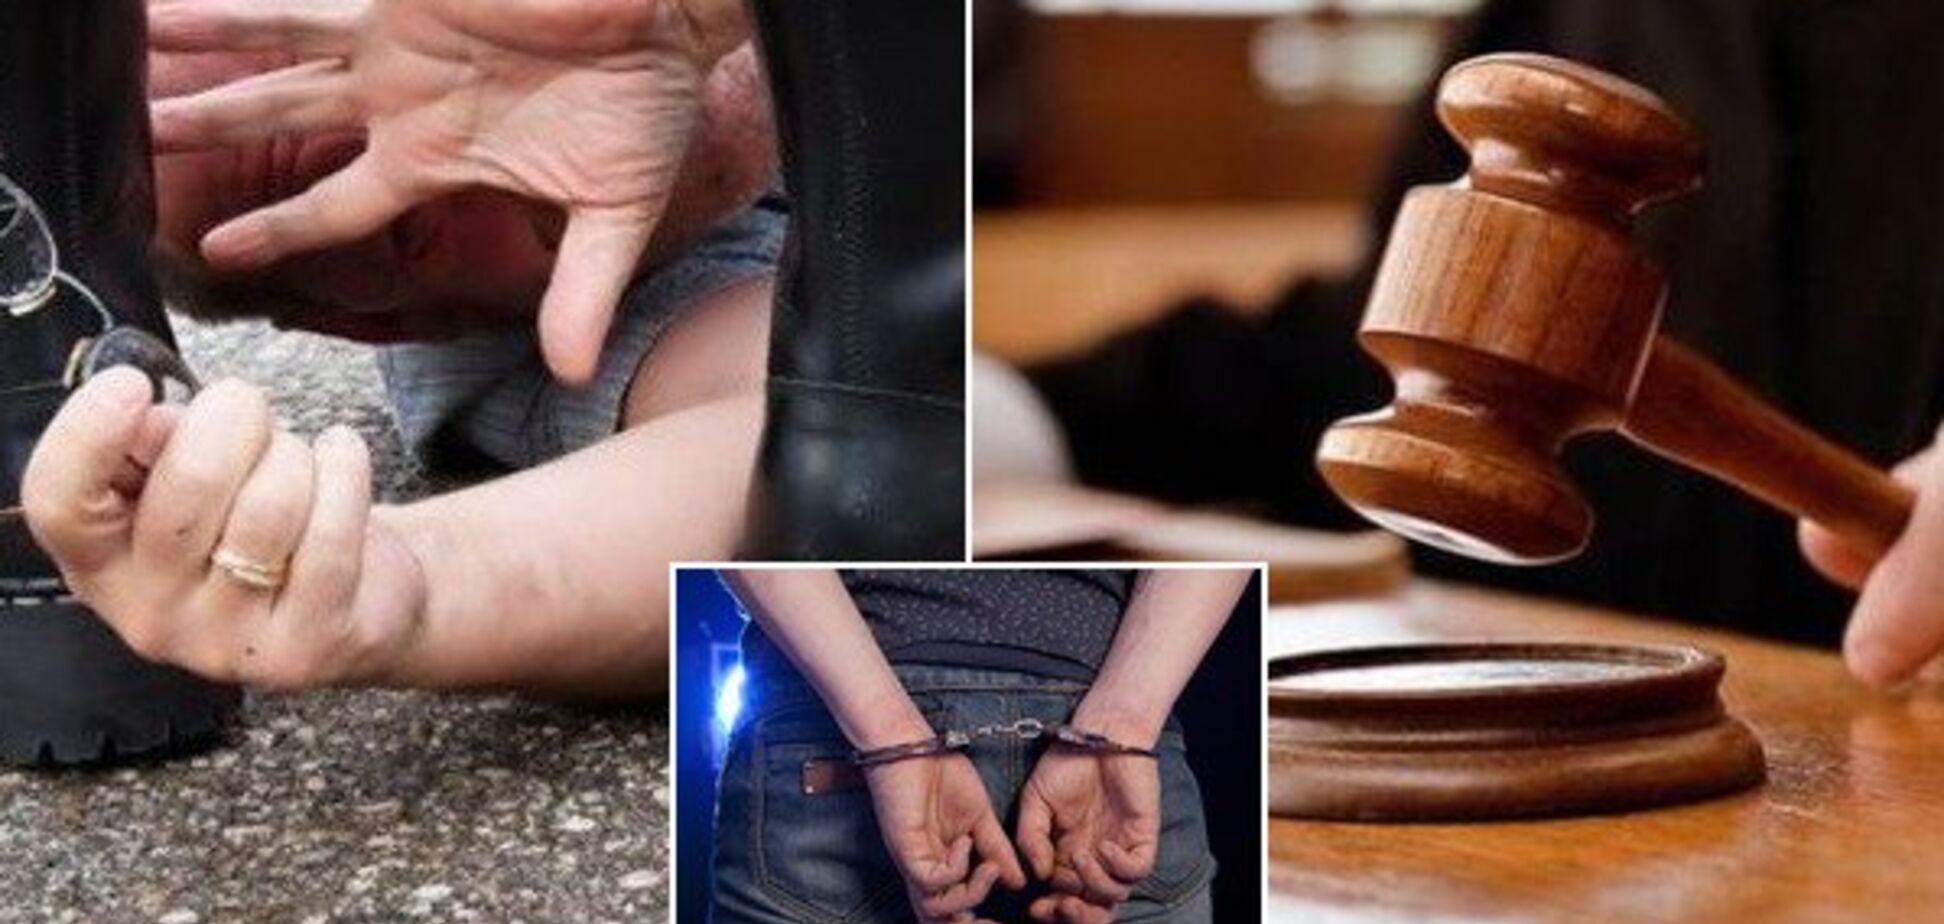 Бил ногами по голове: под Днепром подросток отправил пенсионера в кому